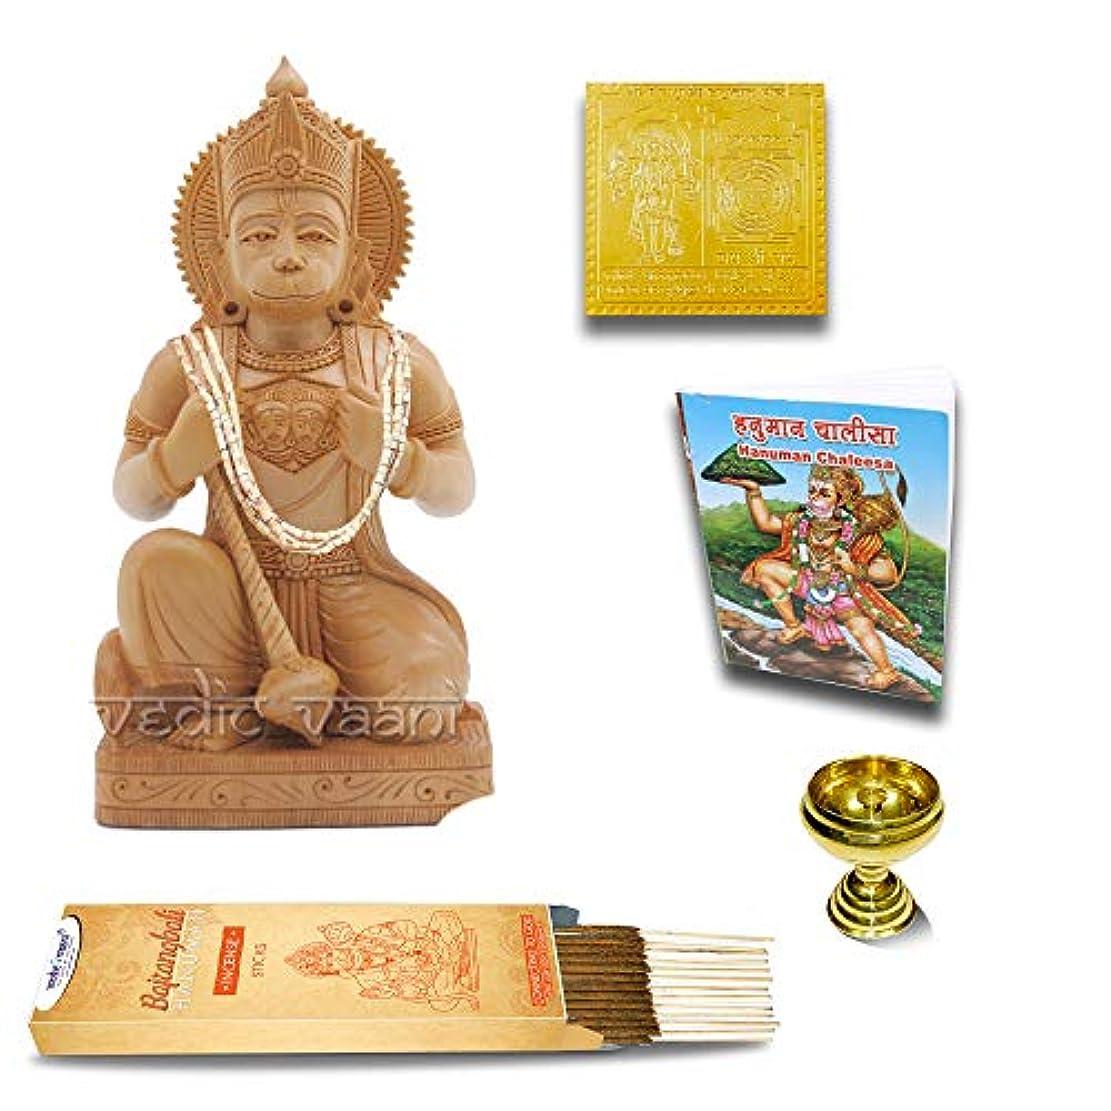 印象的ブルゴーニュ個性Vedic Vaani Ram Bhakat Hanuman 木製像 ヤントラ チャリサ ディヤ お香スティック付き 100gm